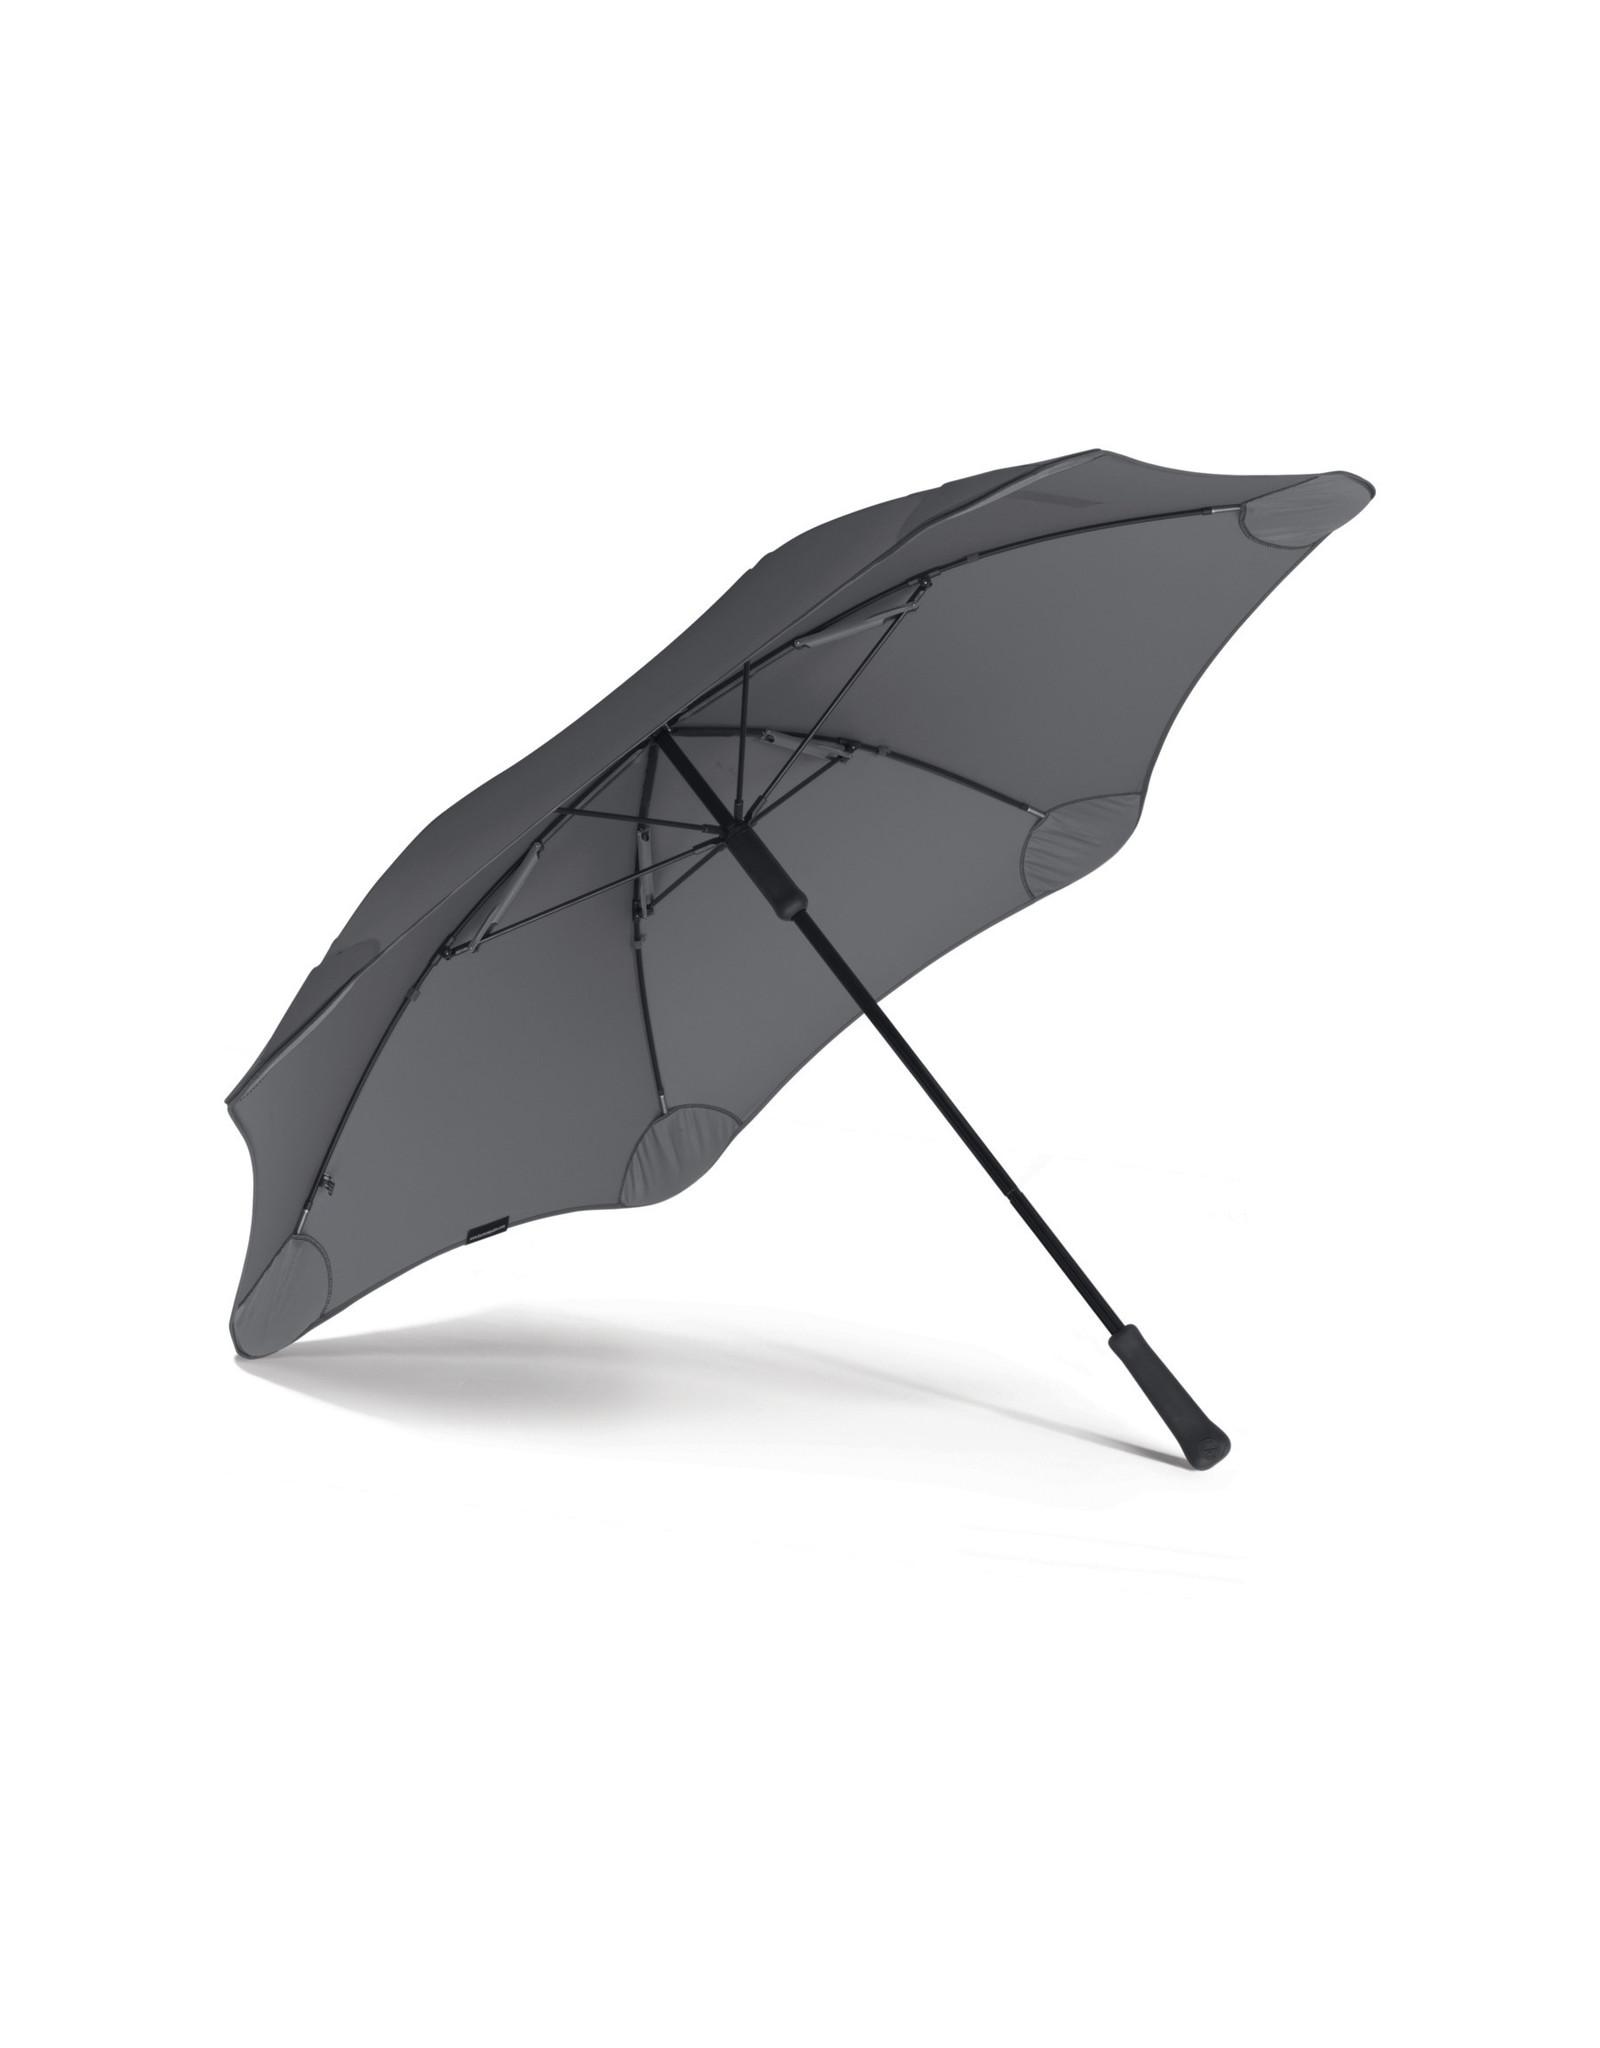 Blunt Classic Umbrella, Grey